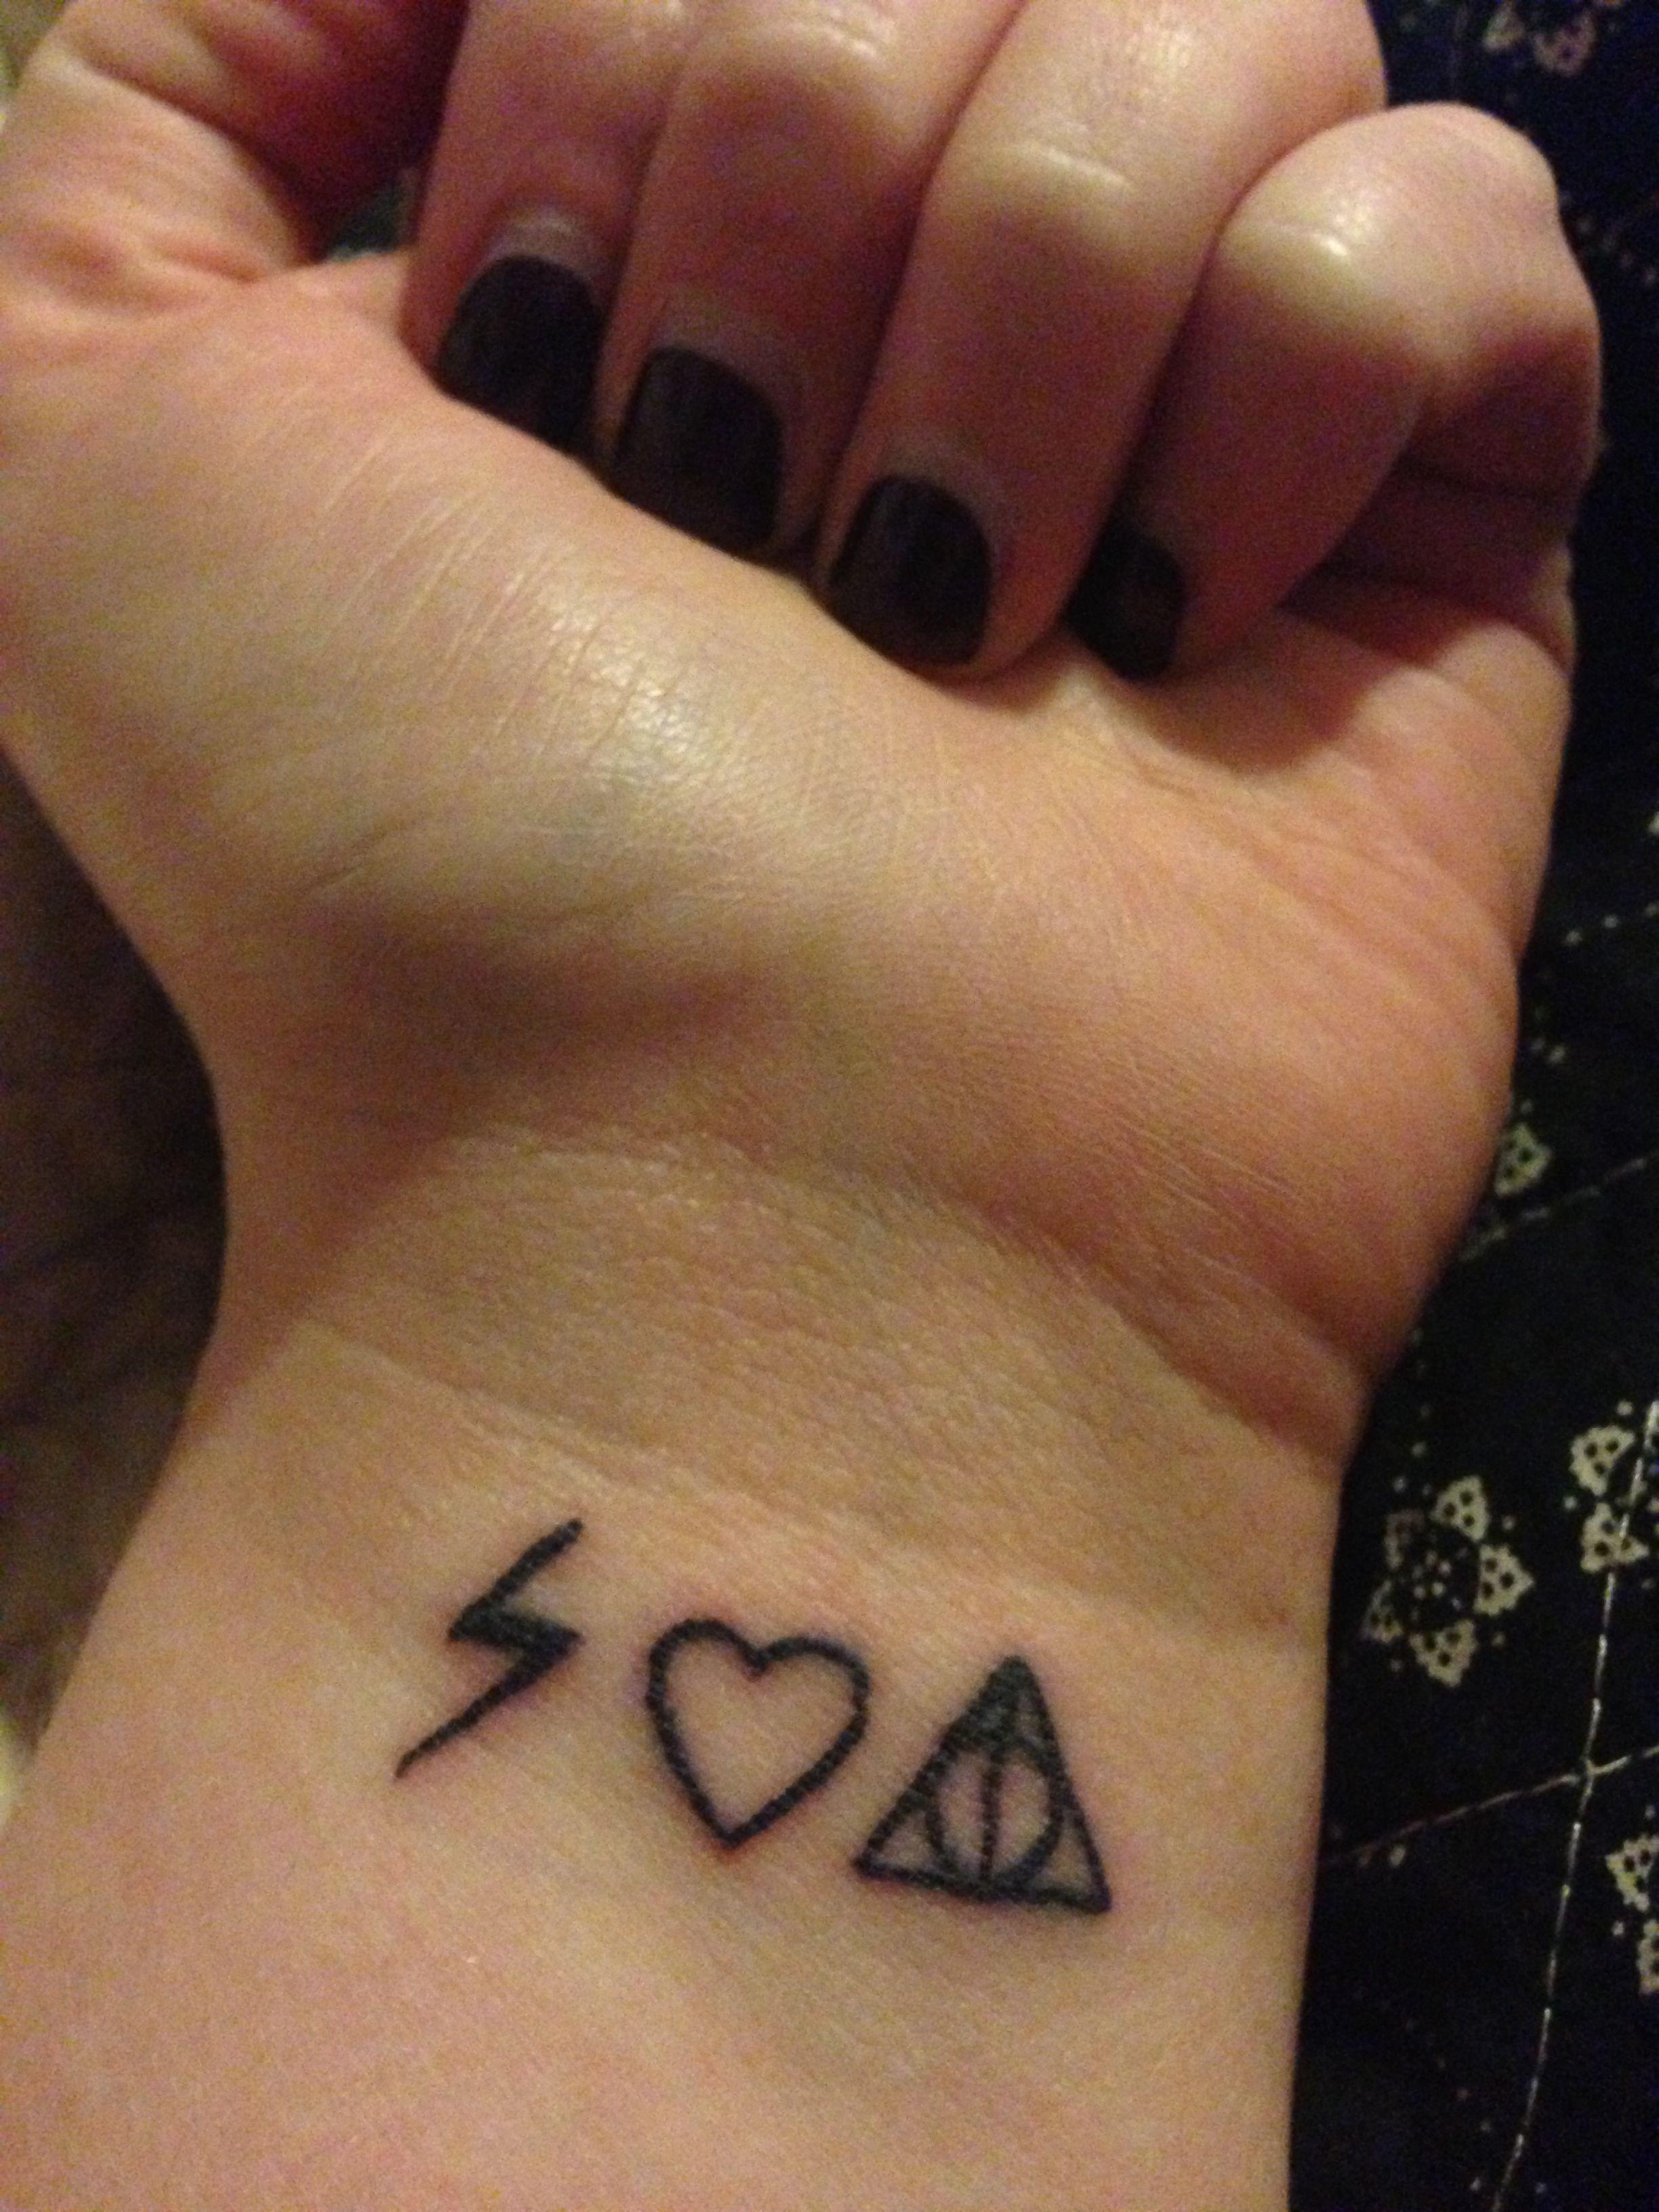 Harry Potter Tattoo Harry Heart Deathly Hallows I Might Do Heart Mickey Head Deathly Hallows Tatouage Idees De Tatouages